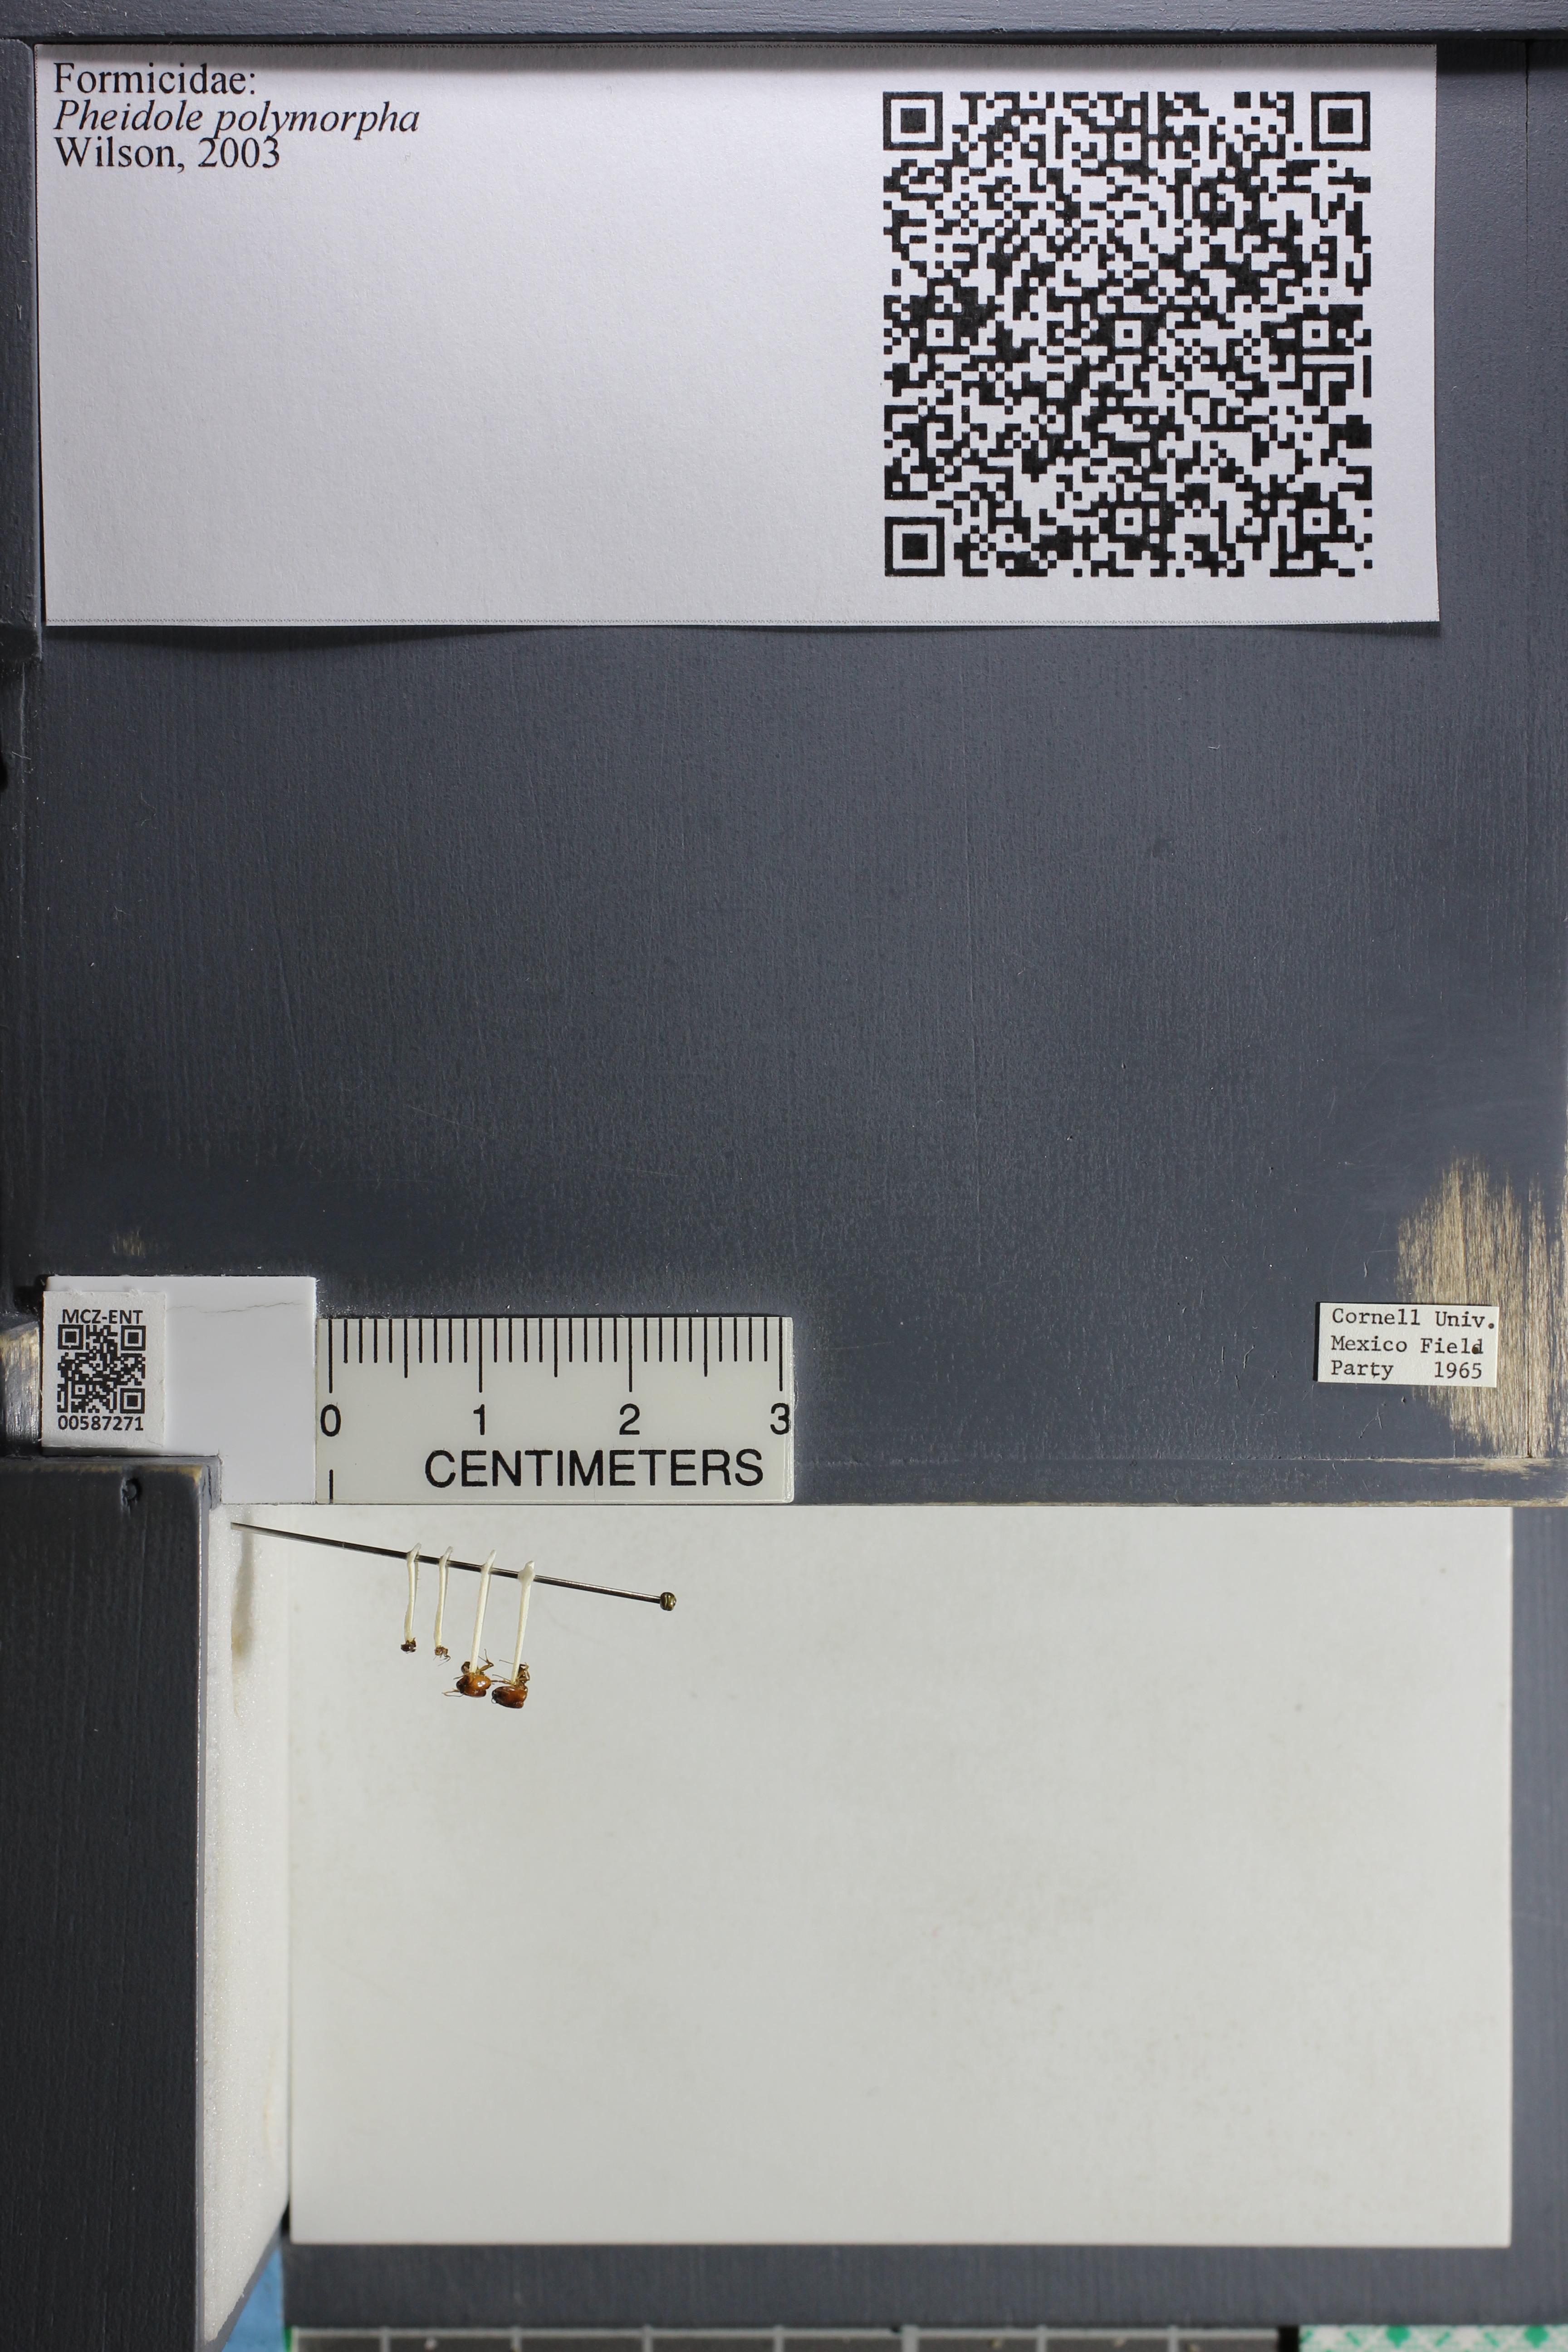 Media of type image, MCZ:Ent:587271 Identified as Pheidole polymorpha.